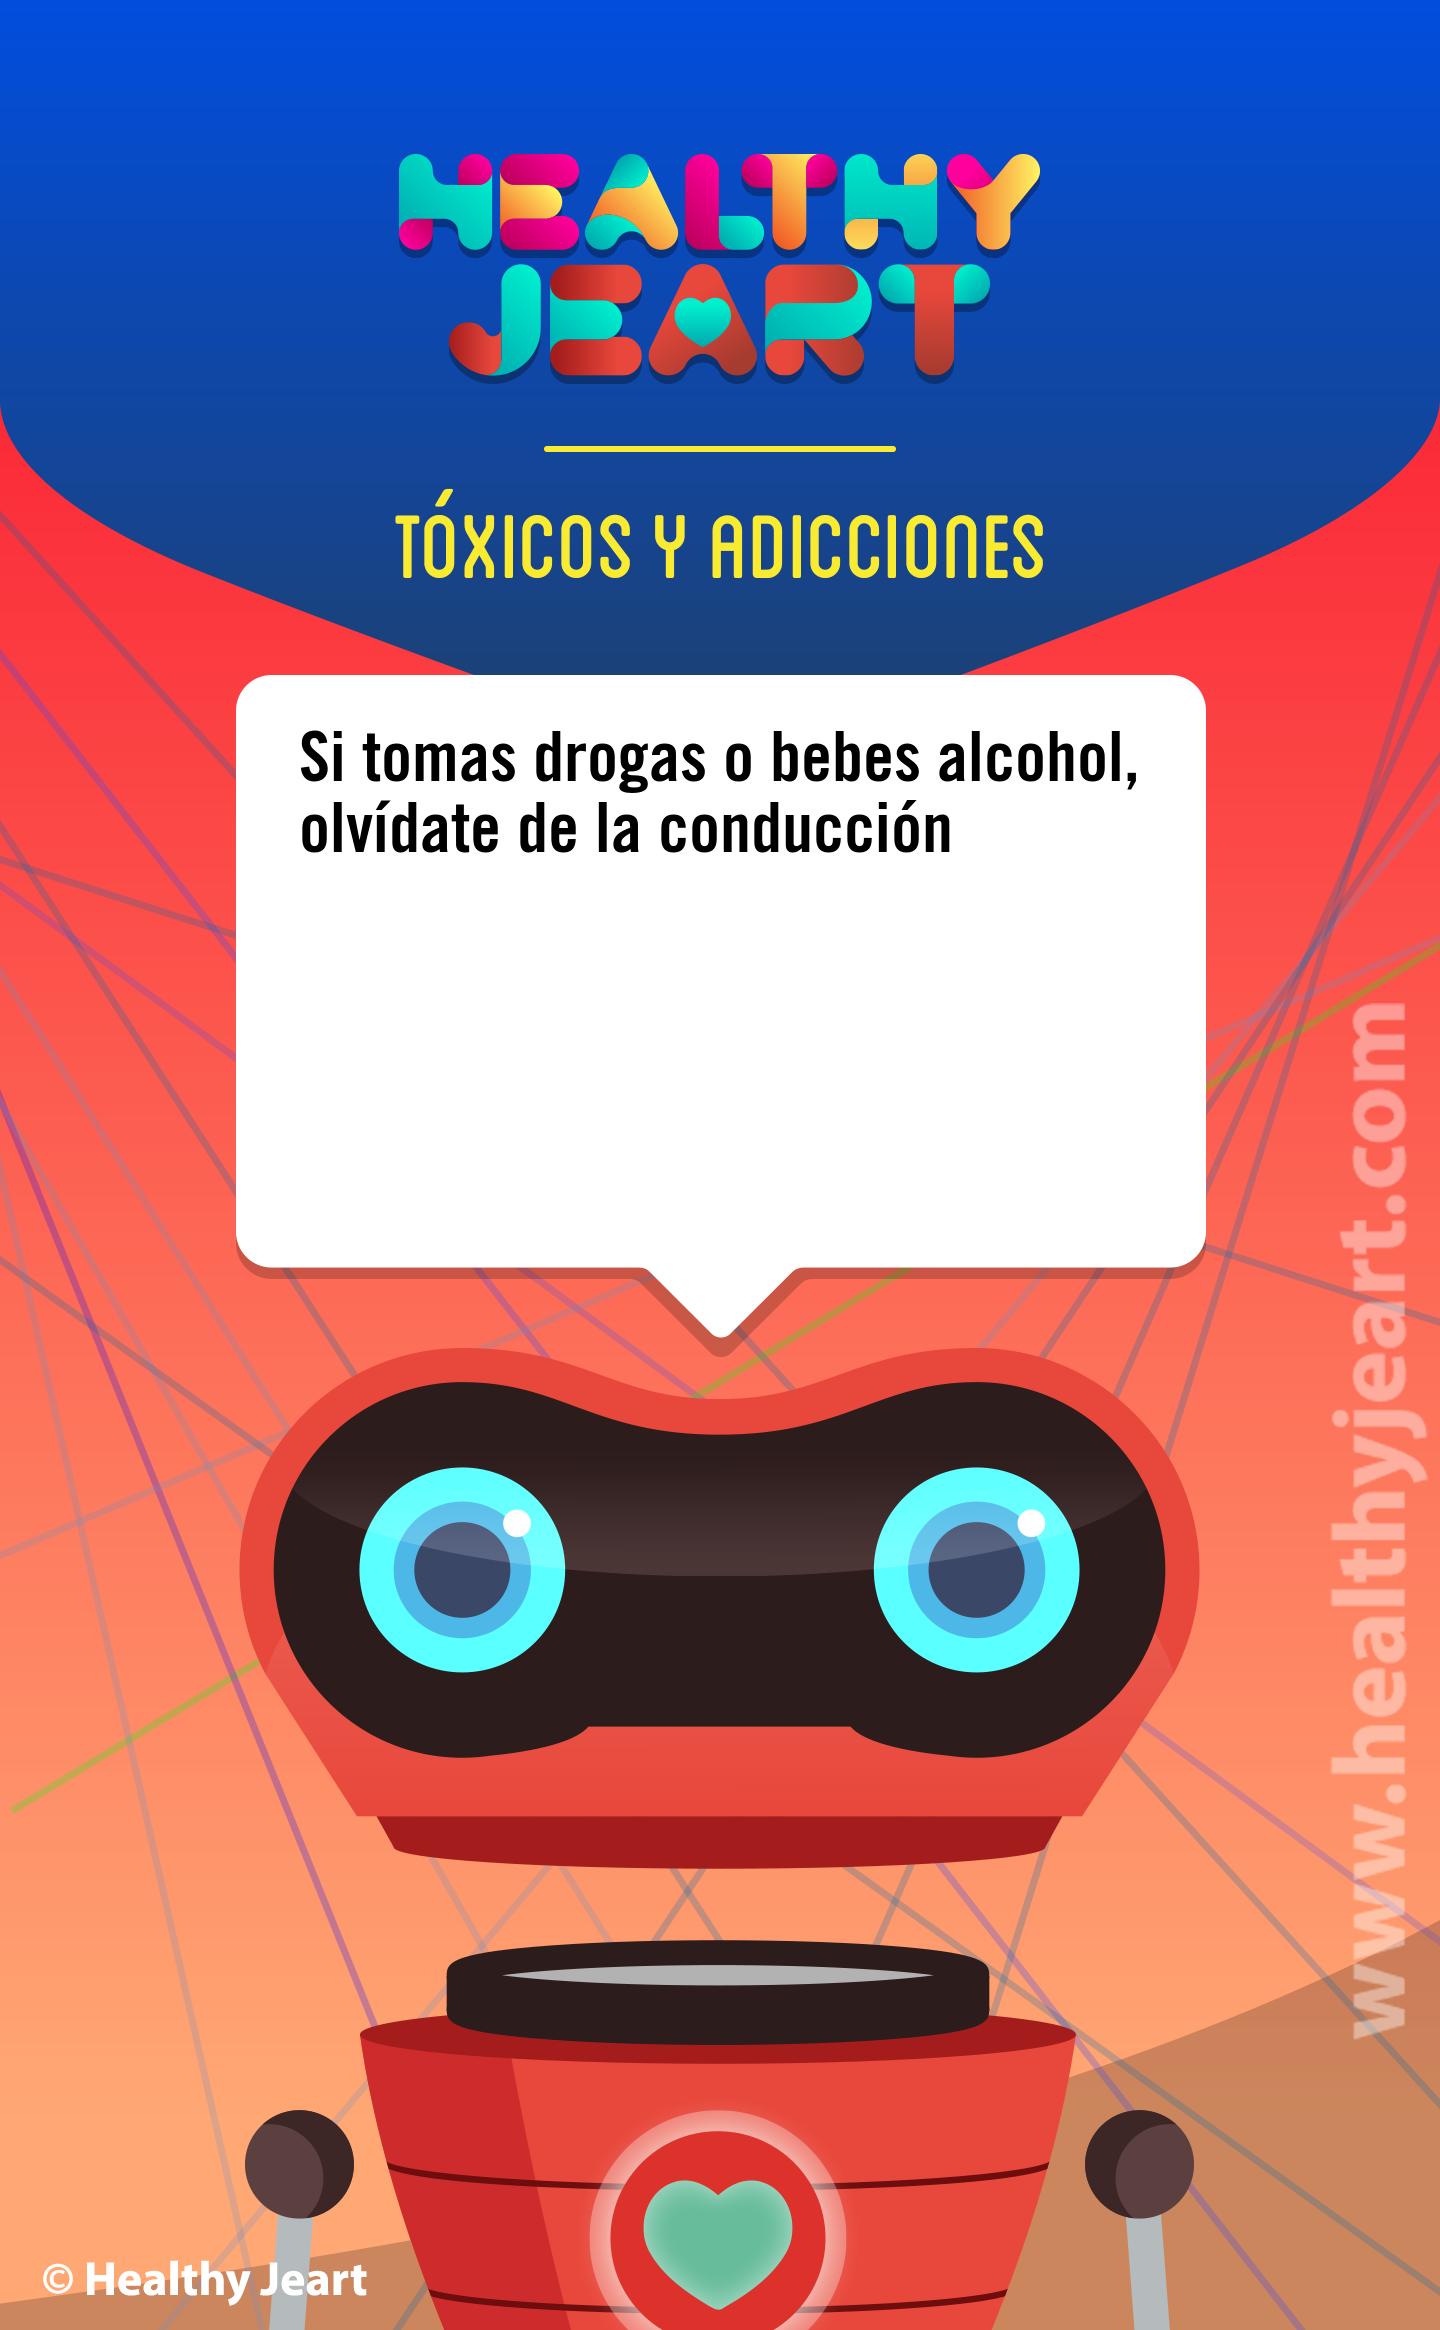 Si tomas drogas o bebes alcohol, olvídate de la conducción